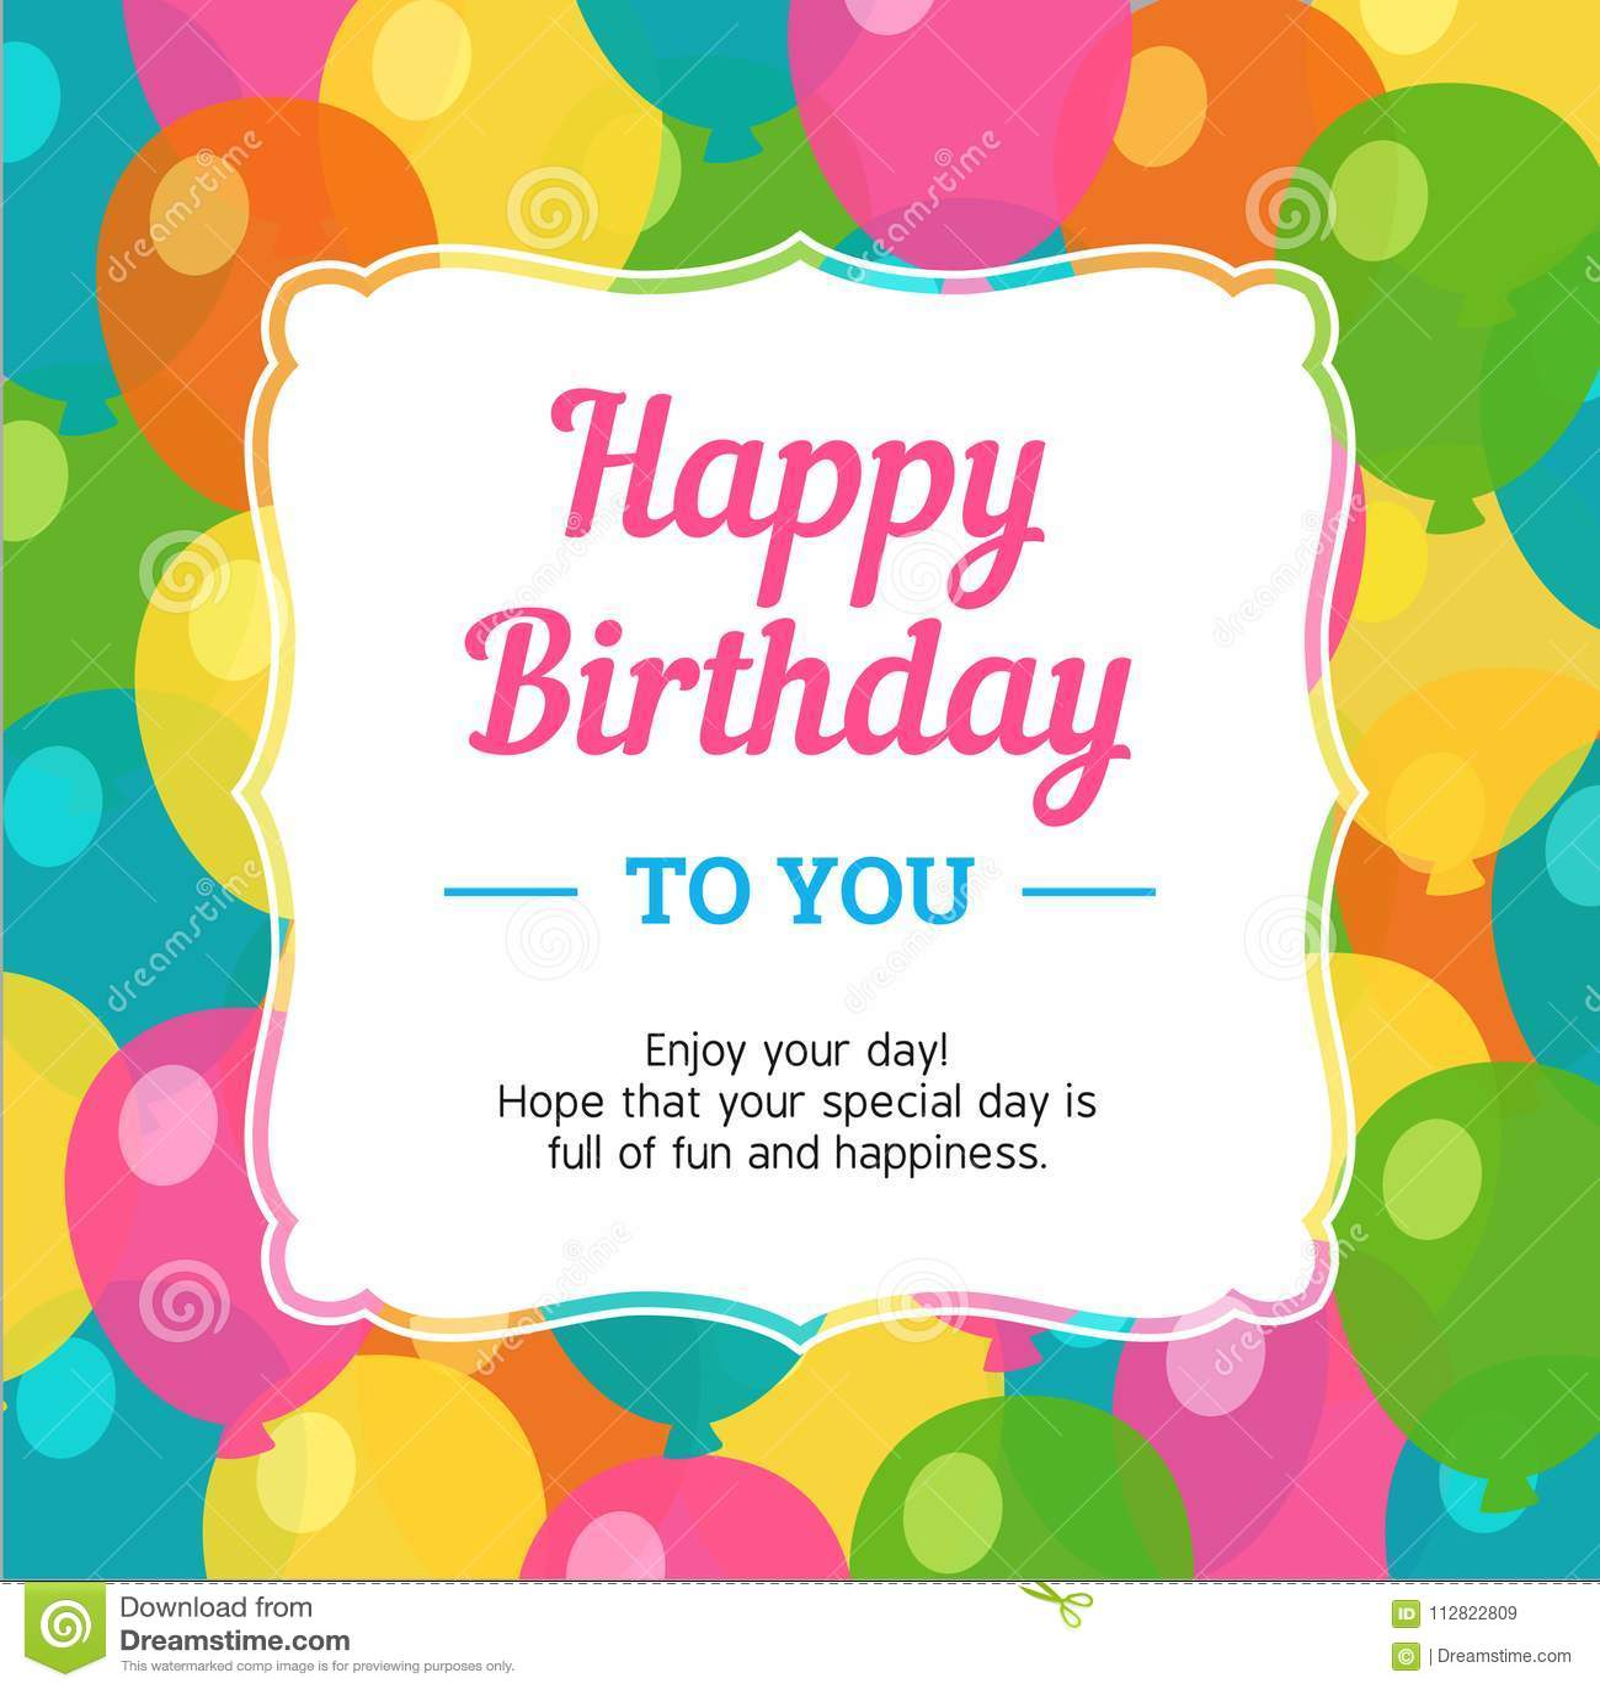 Wszystkiego Najlepszego Z Okazji Urodzin kartka z pozdrowieniami z Kolorowym przyjęcie balonu tłem